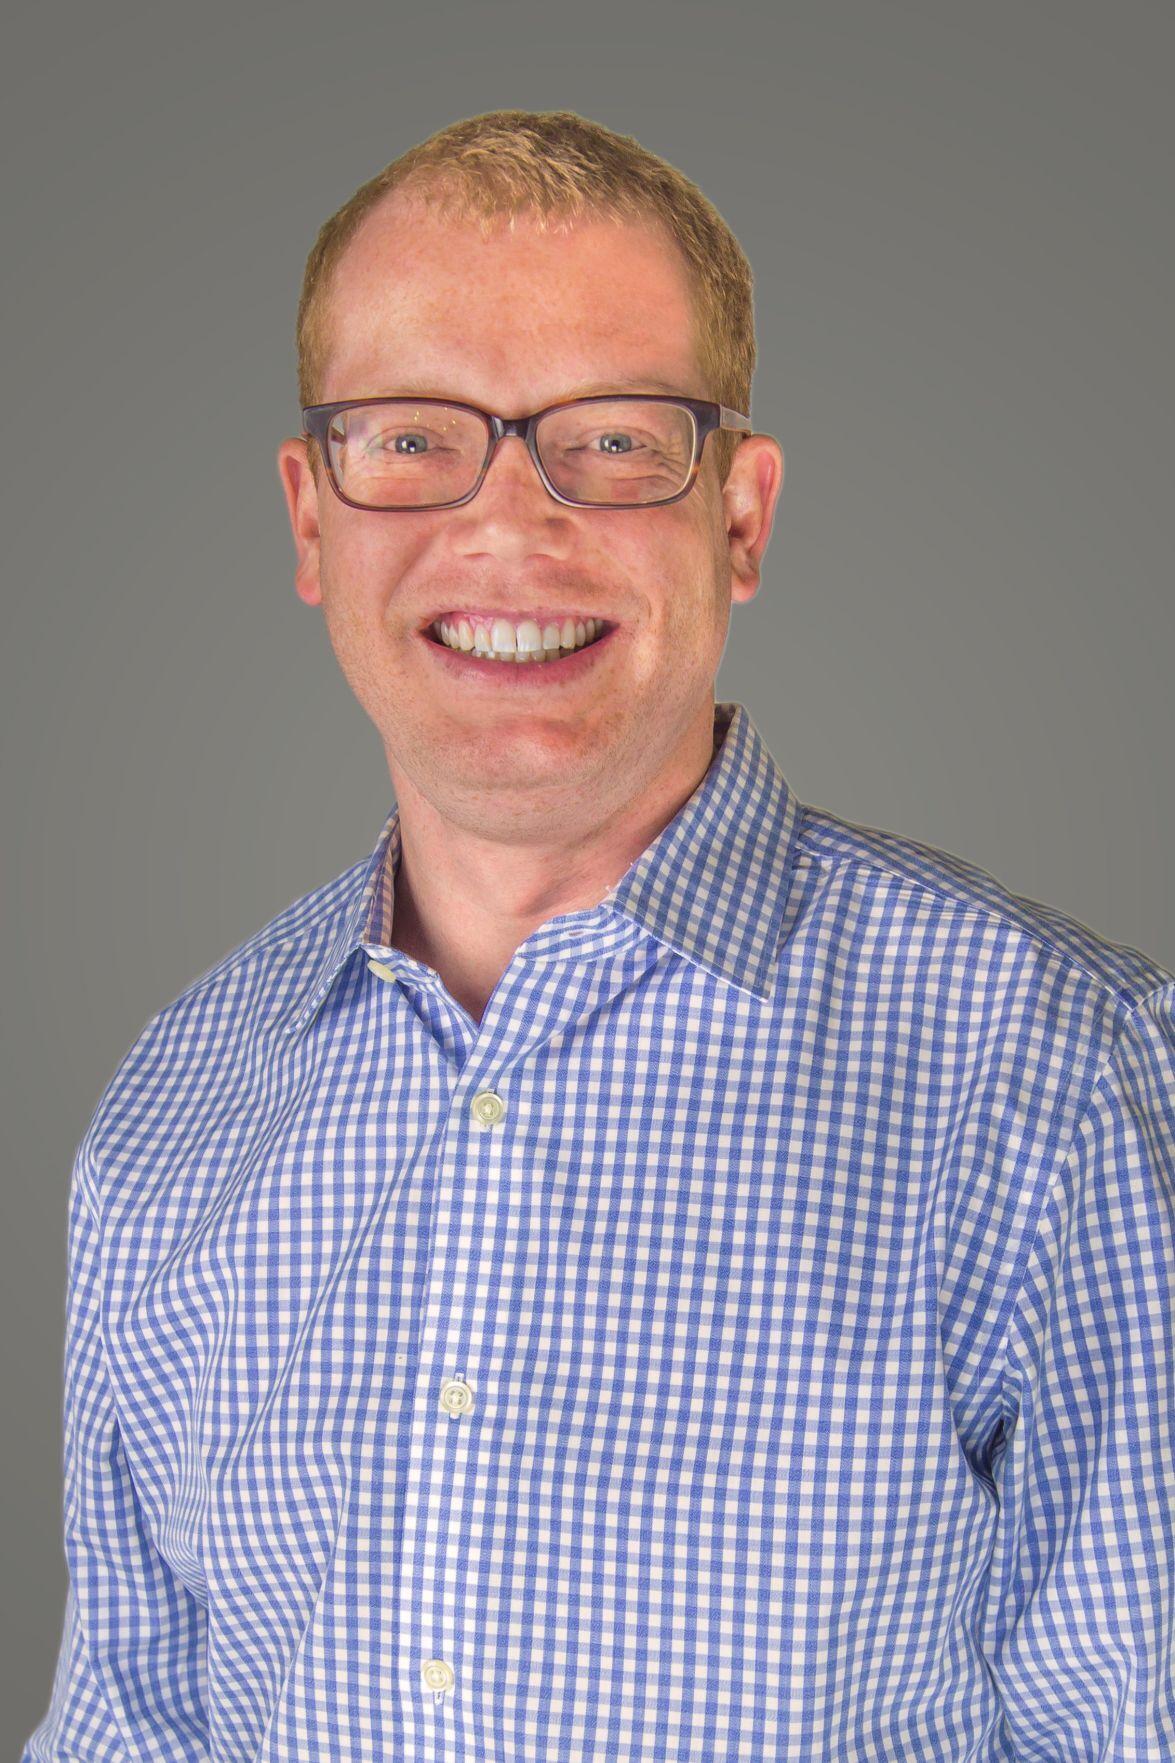 Landon Hobson, CEO of Cosmos Corp.